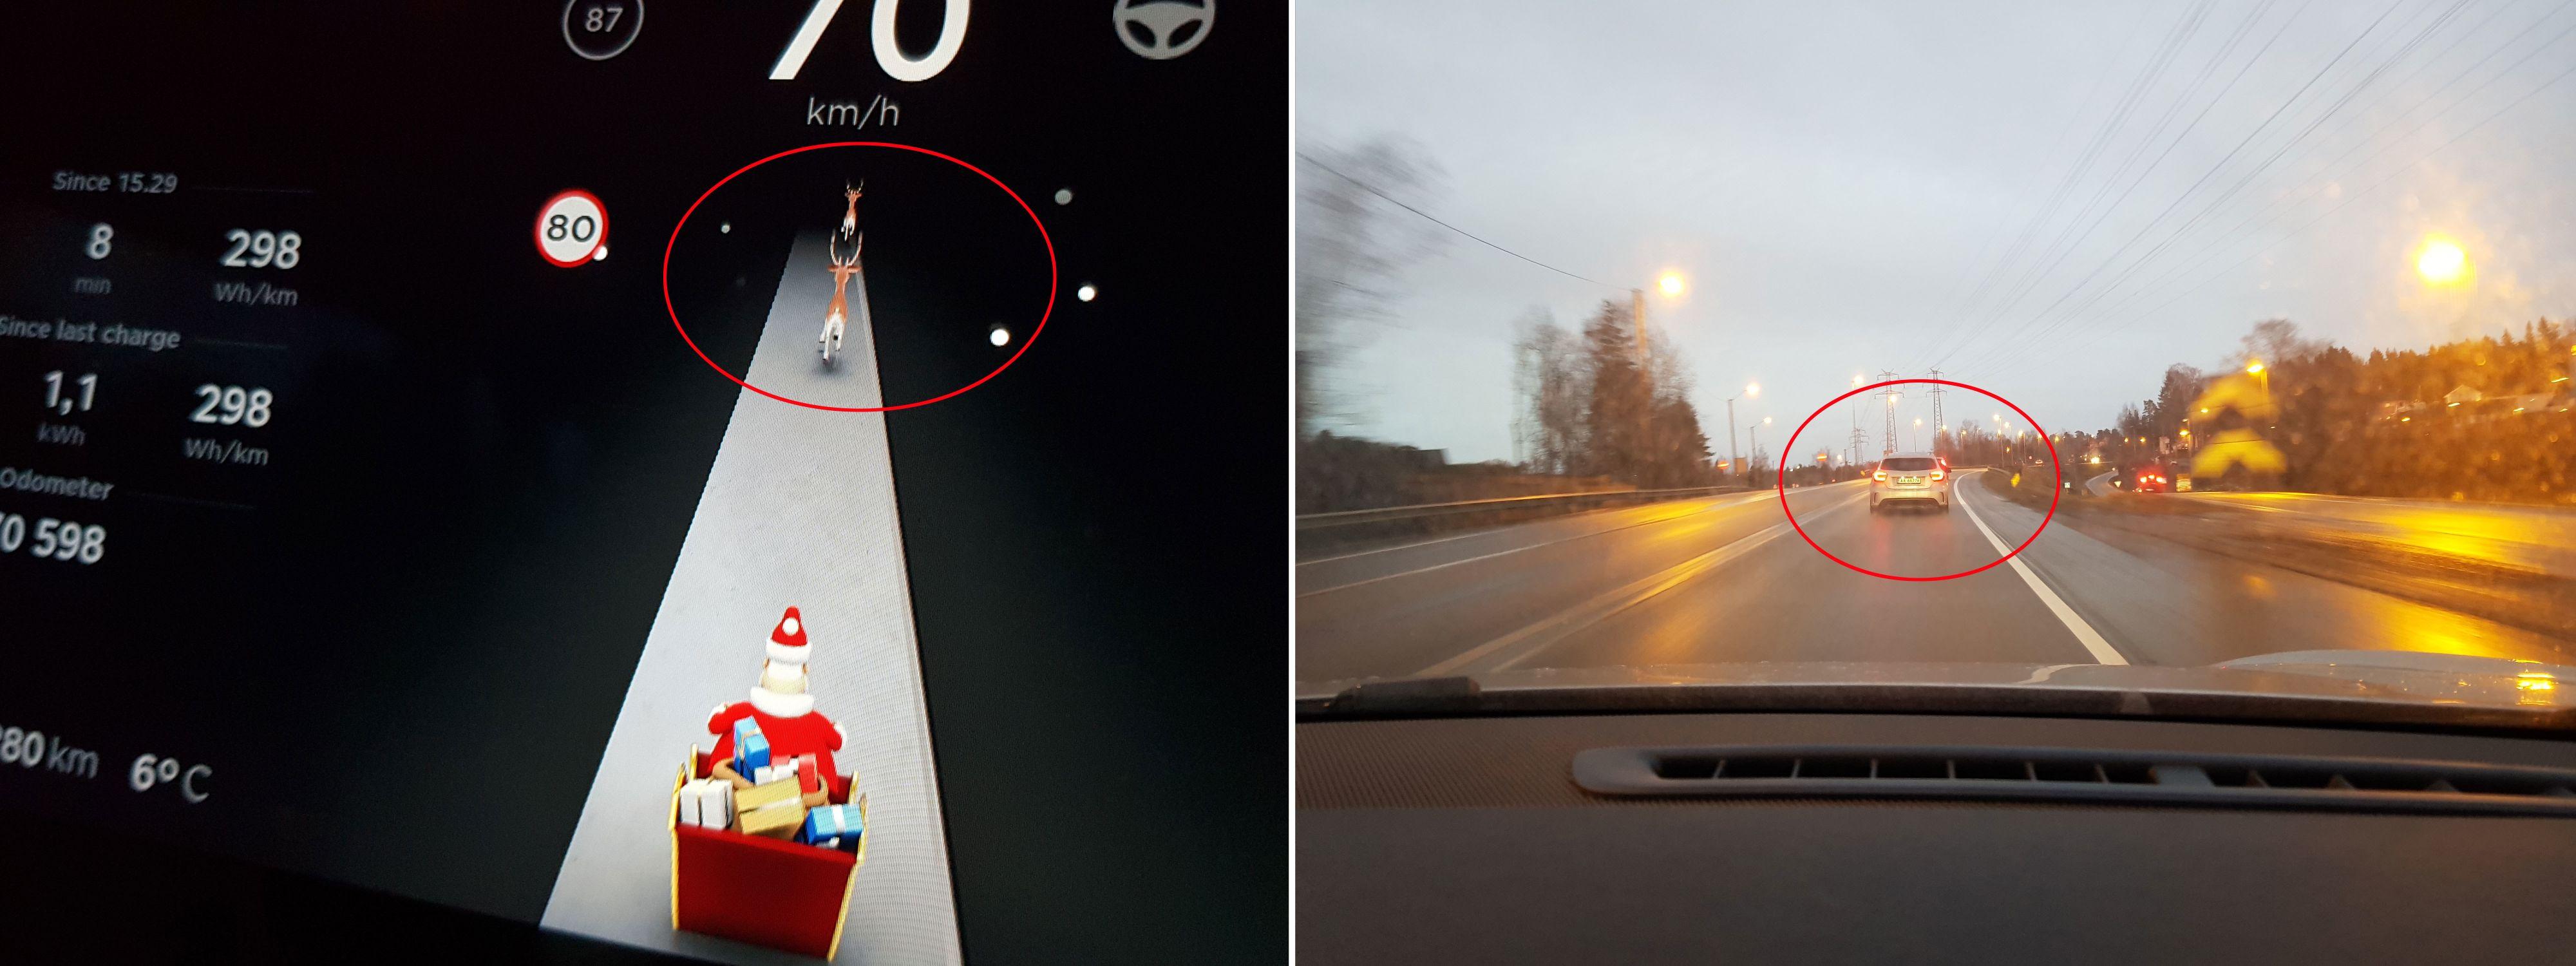 Bilene foran vises som reinsdyr i instrumentene. Bilde: Torstein Norum Bugge, Tek.no